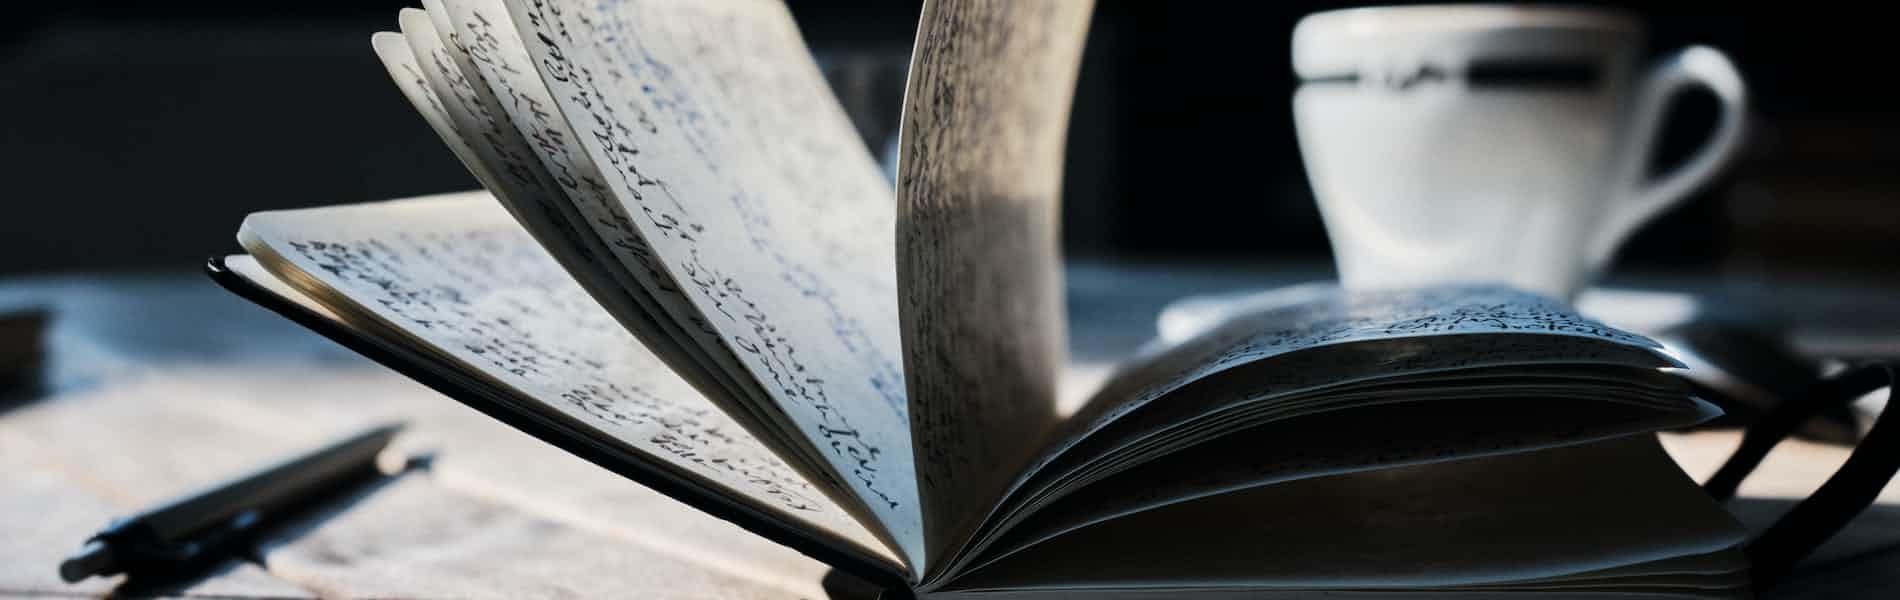 וידויים והזיות בכפר – ספר טוב ורע על אהבה / אורנה קסטל